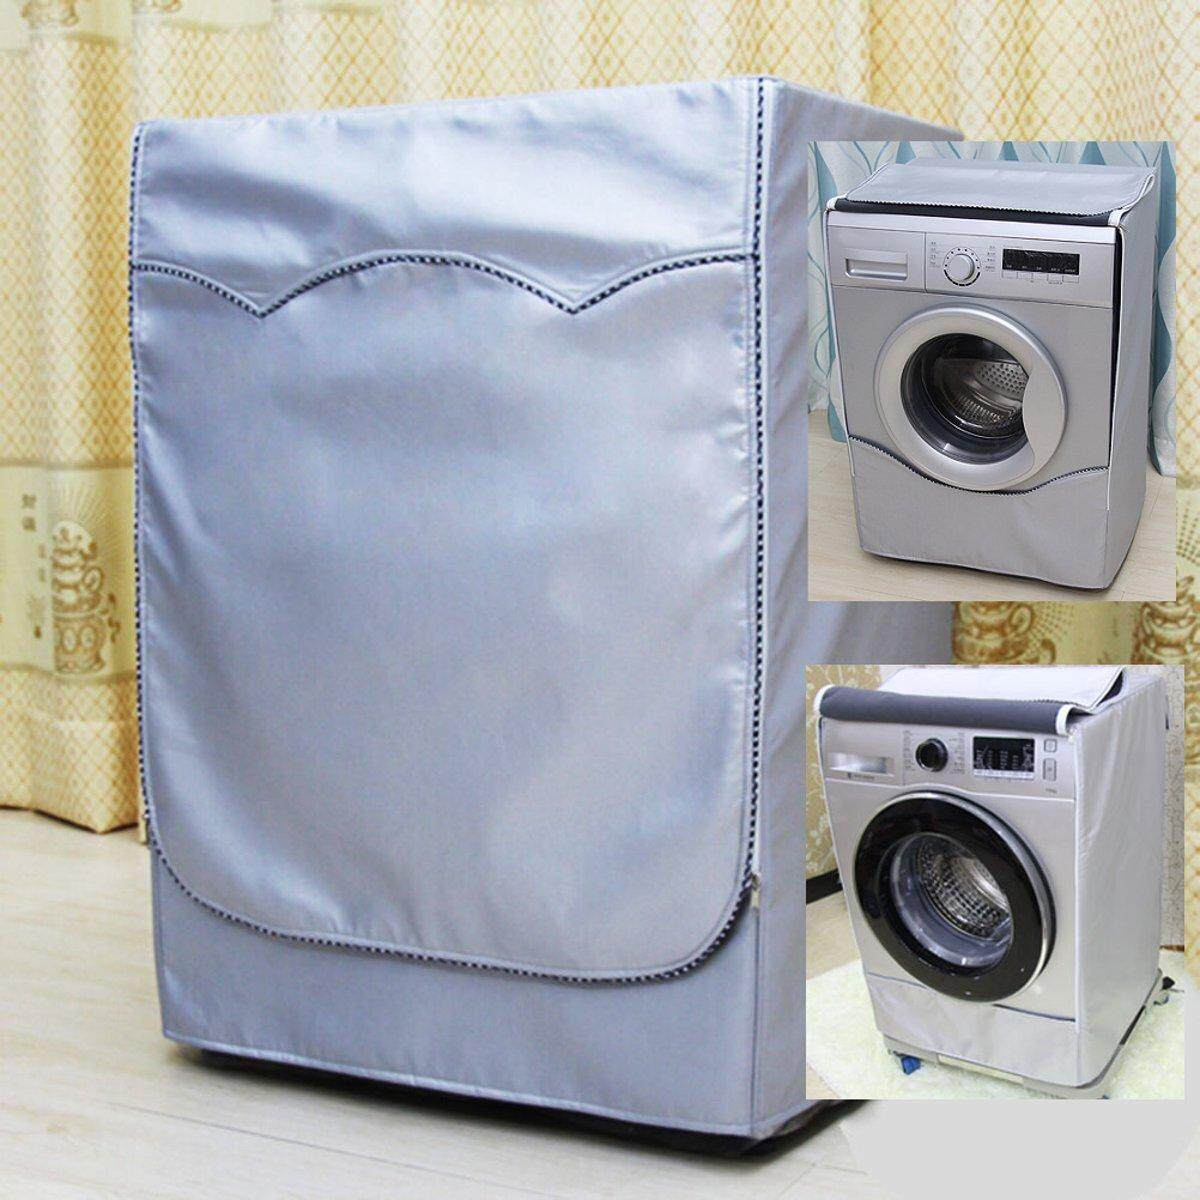 Chống nước Máy Giặt Có Dây Kéo Đầu Bụi Bảo Vệ Bền Chống Nắng # XL